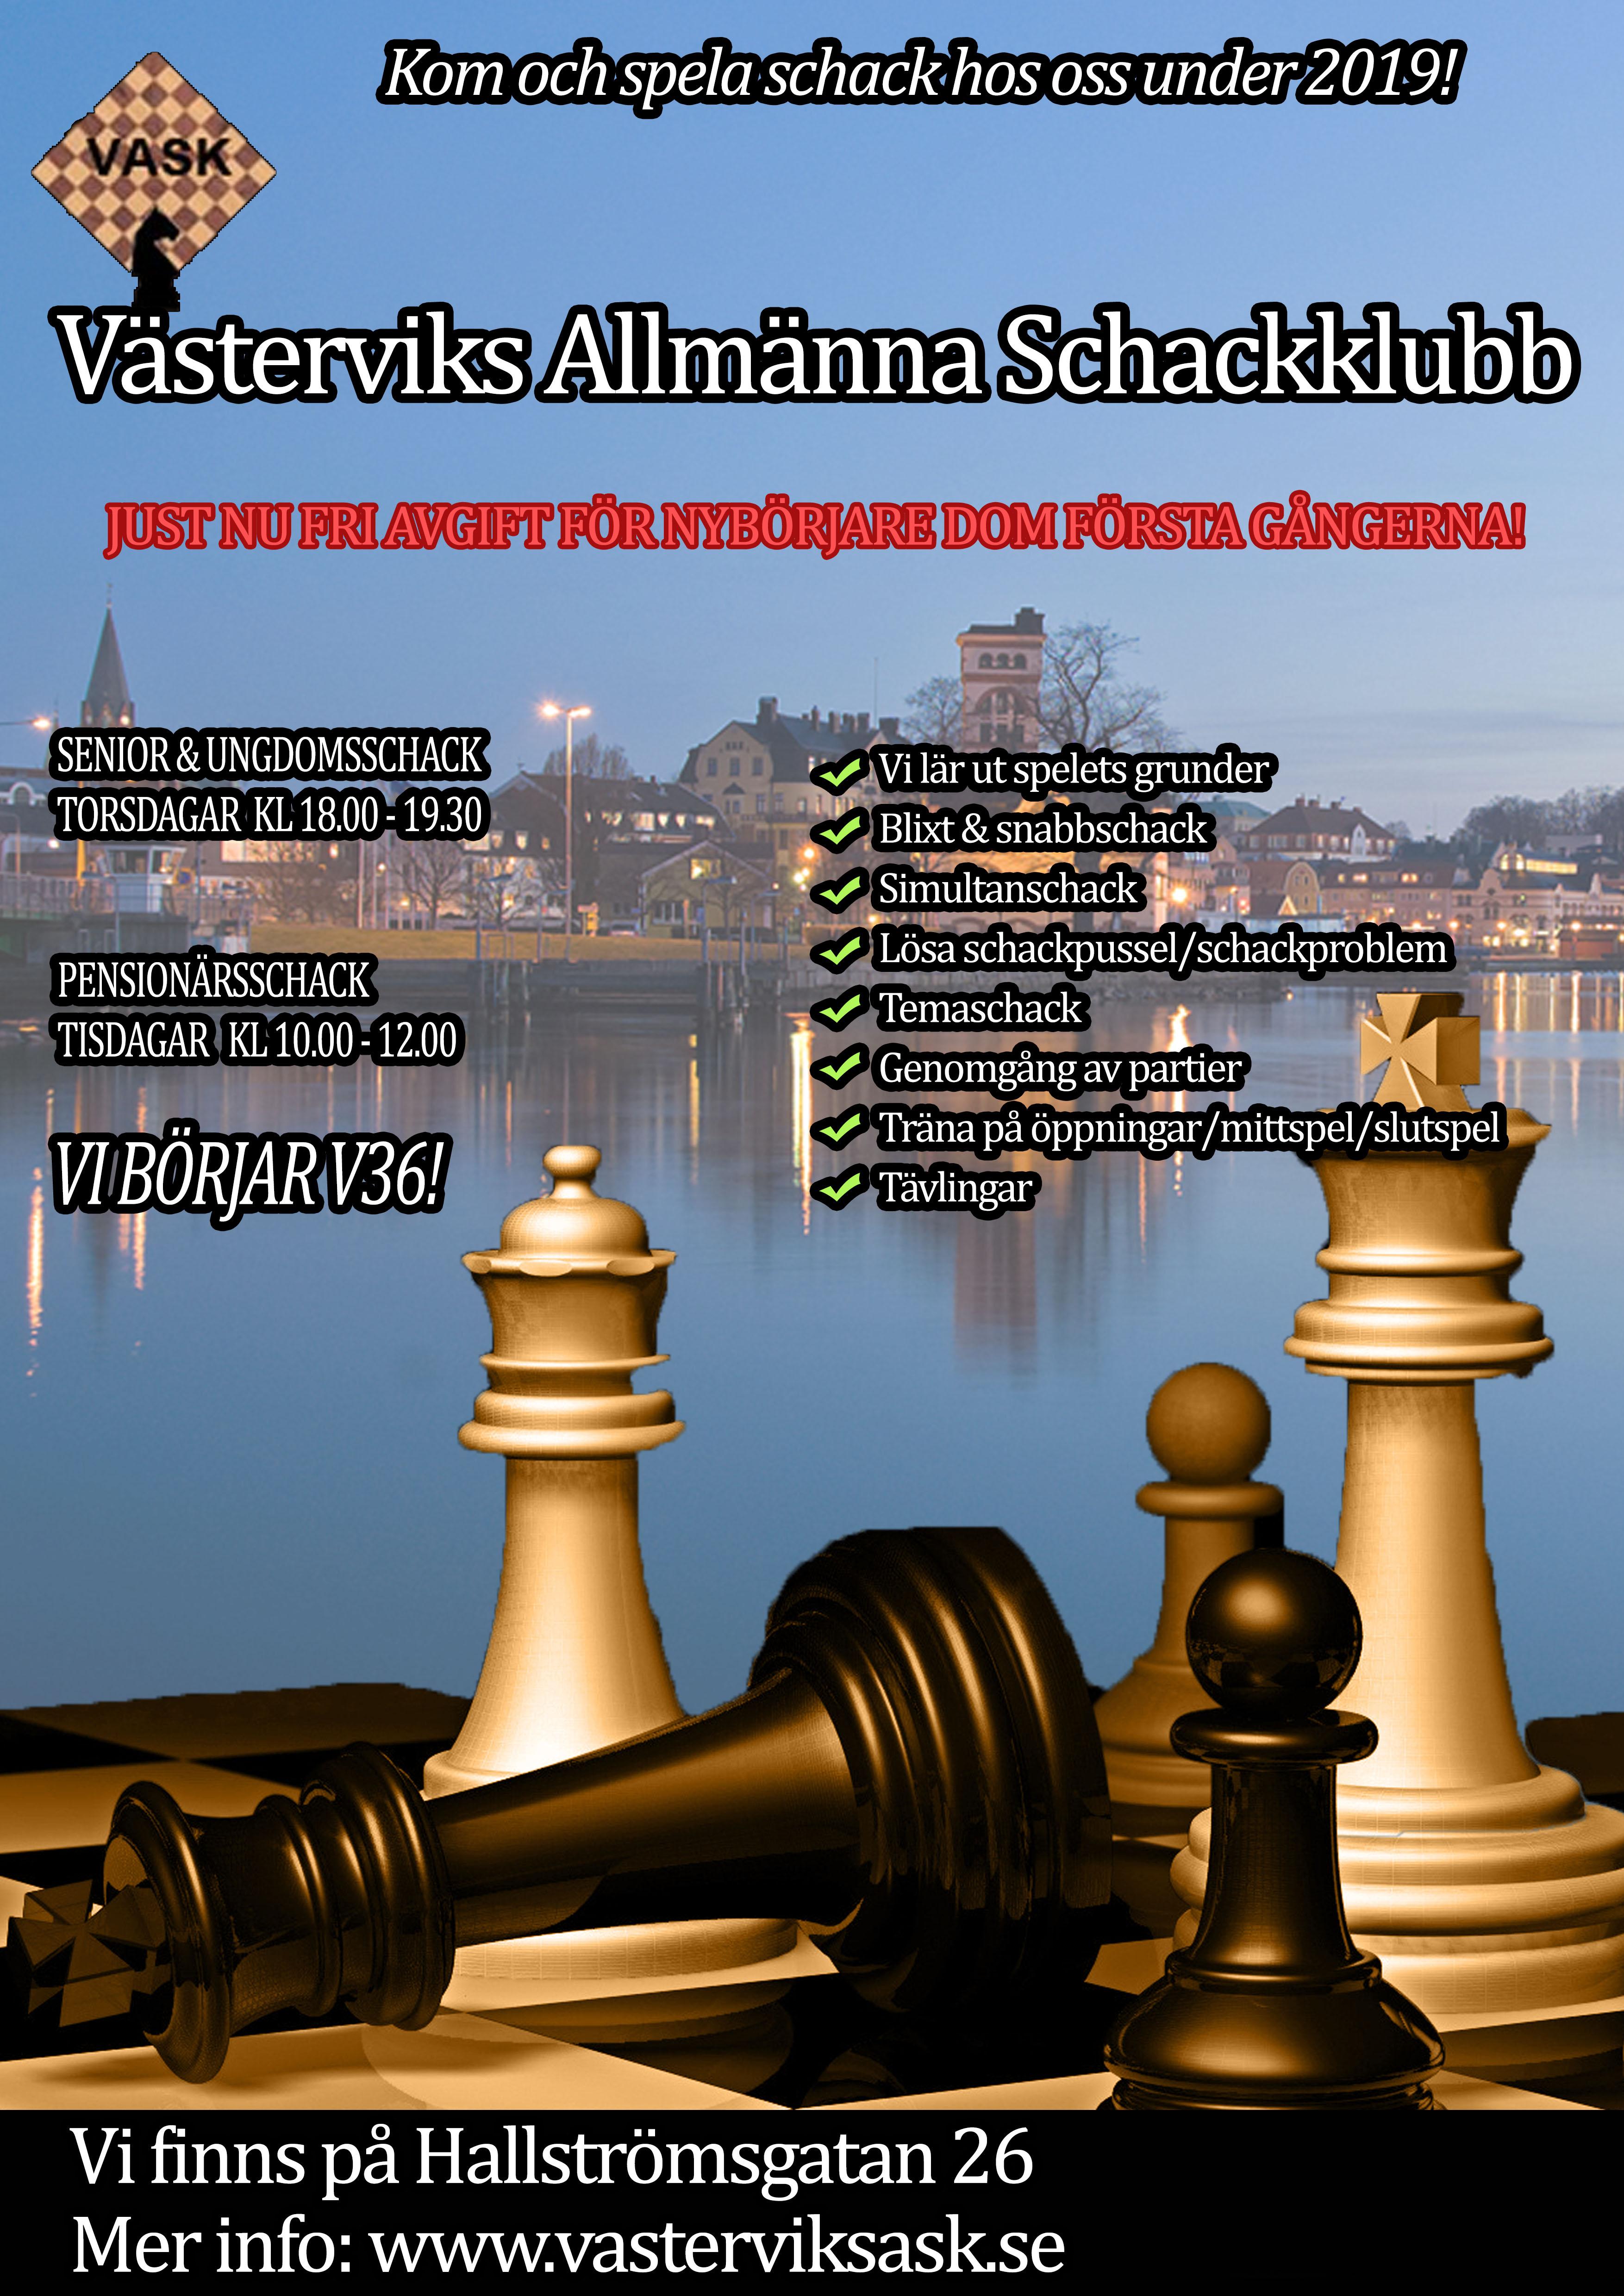 vask_2019_schema